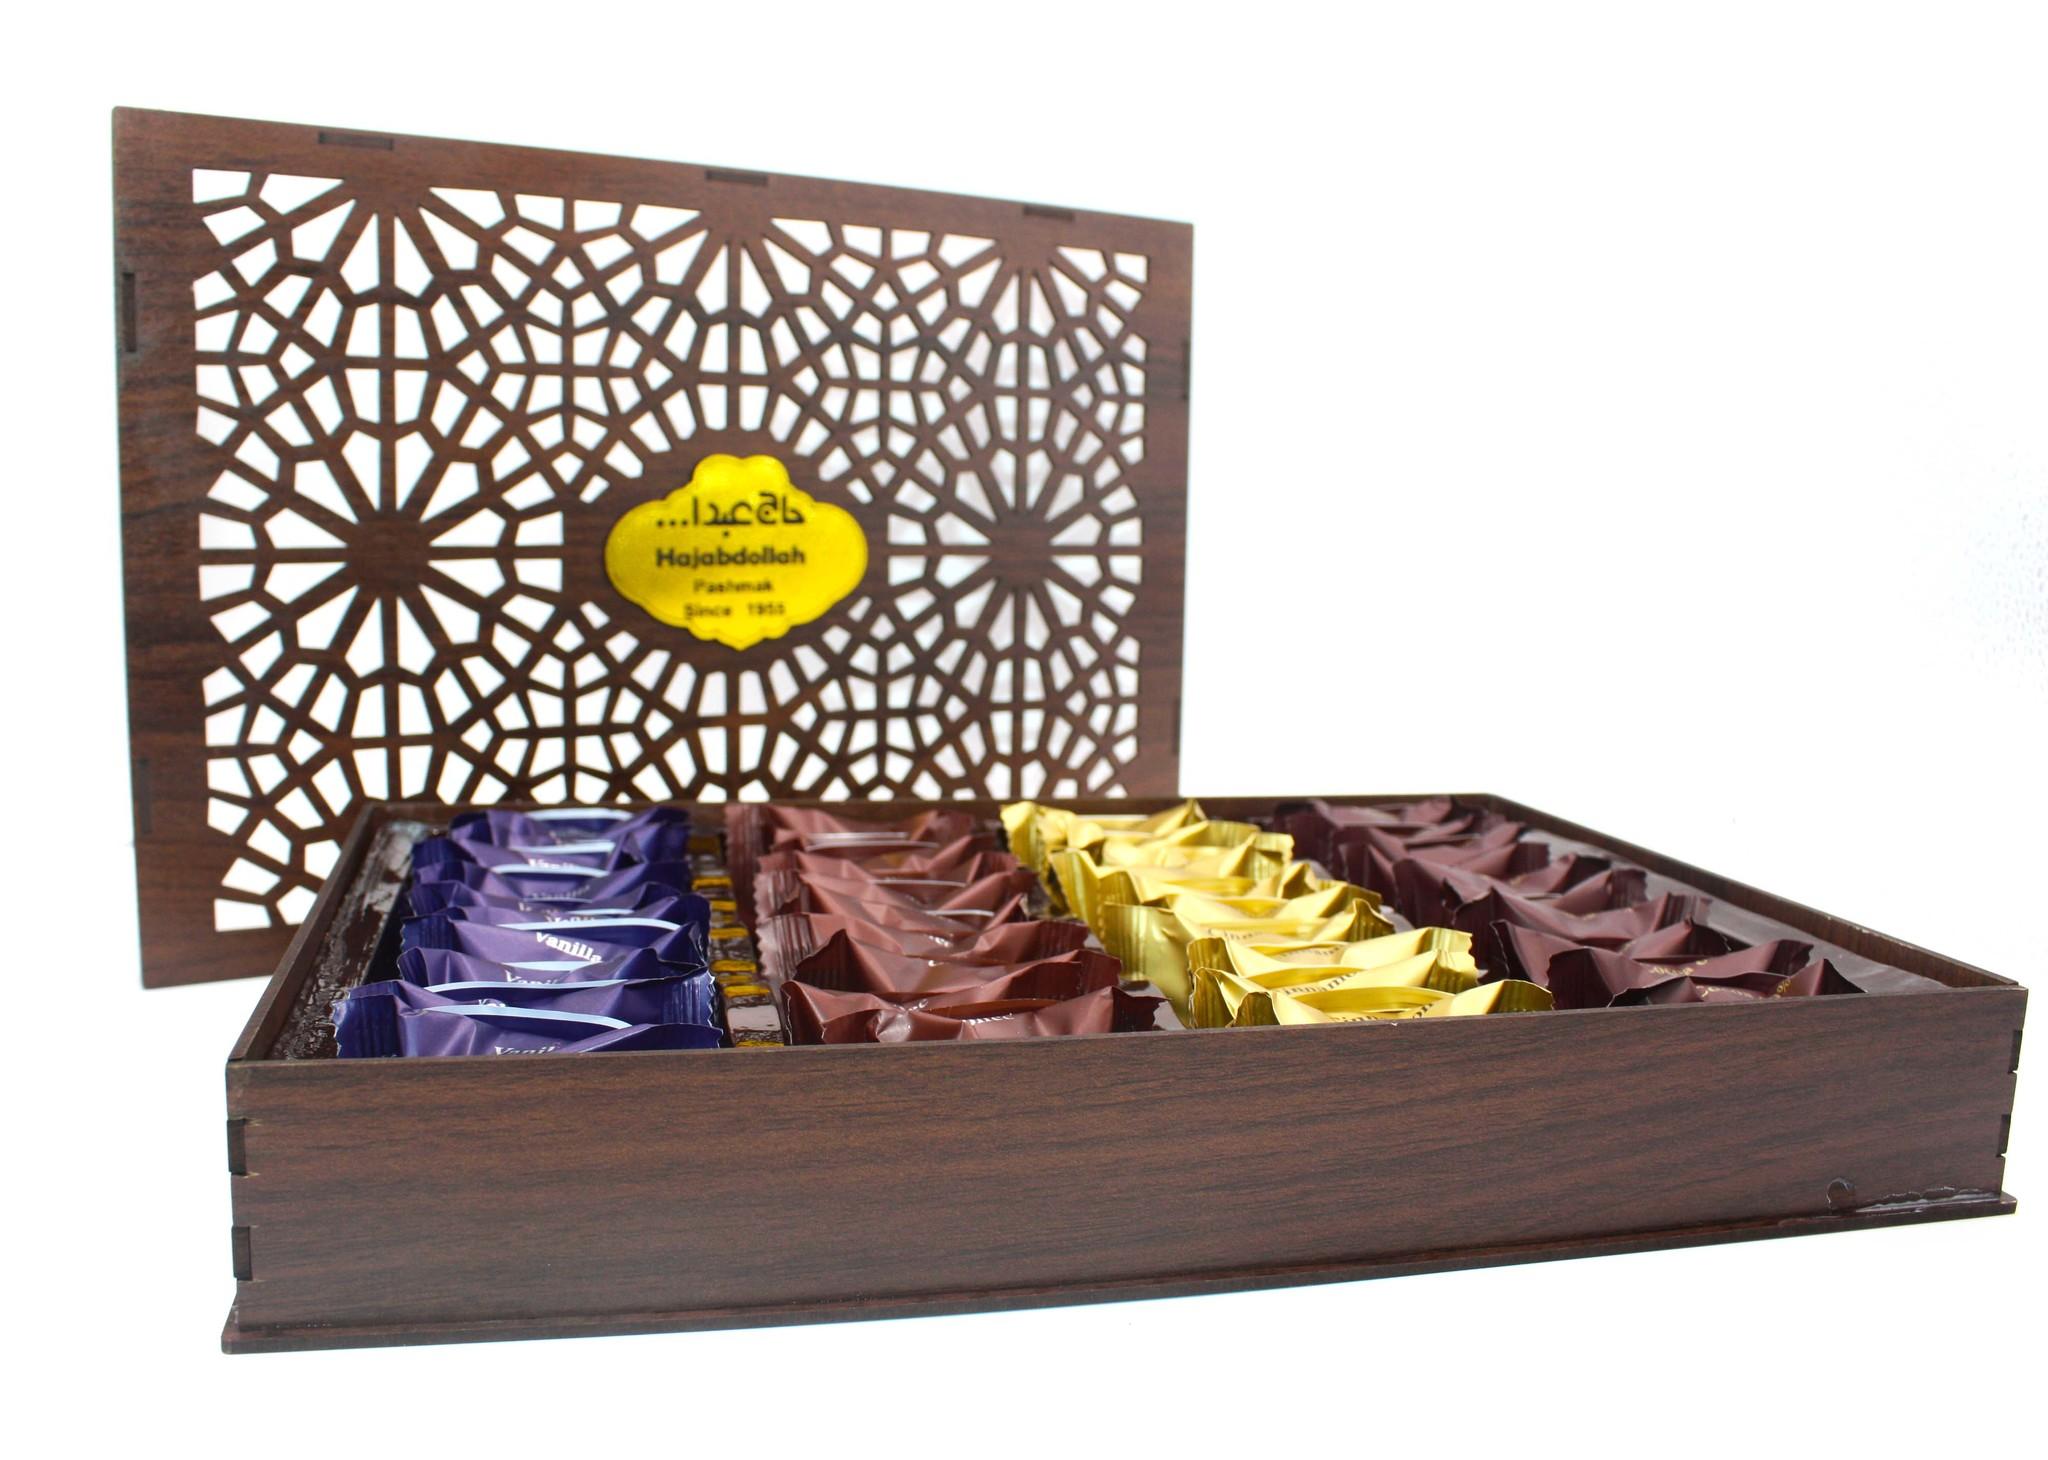 Hajabdollah Ассорти пишмание в подарочной деревянной упаковке, Hajabdollah, 500 г import_files_7a_7a7d6a28c3f111e9a9b3484d7ecee297_7a7d6a29c3f111e9a9b3484d7ecee297.jpg